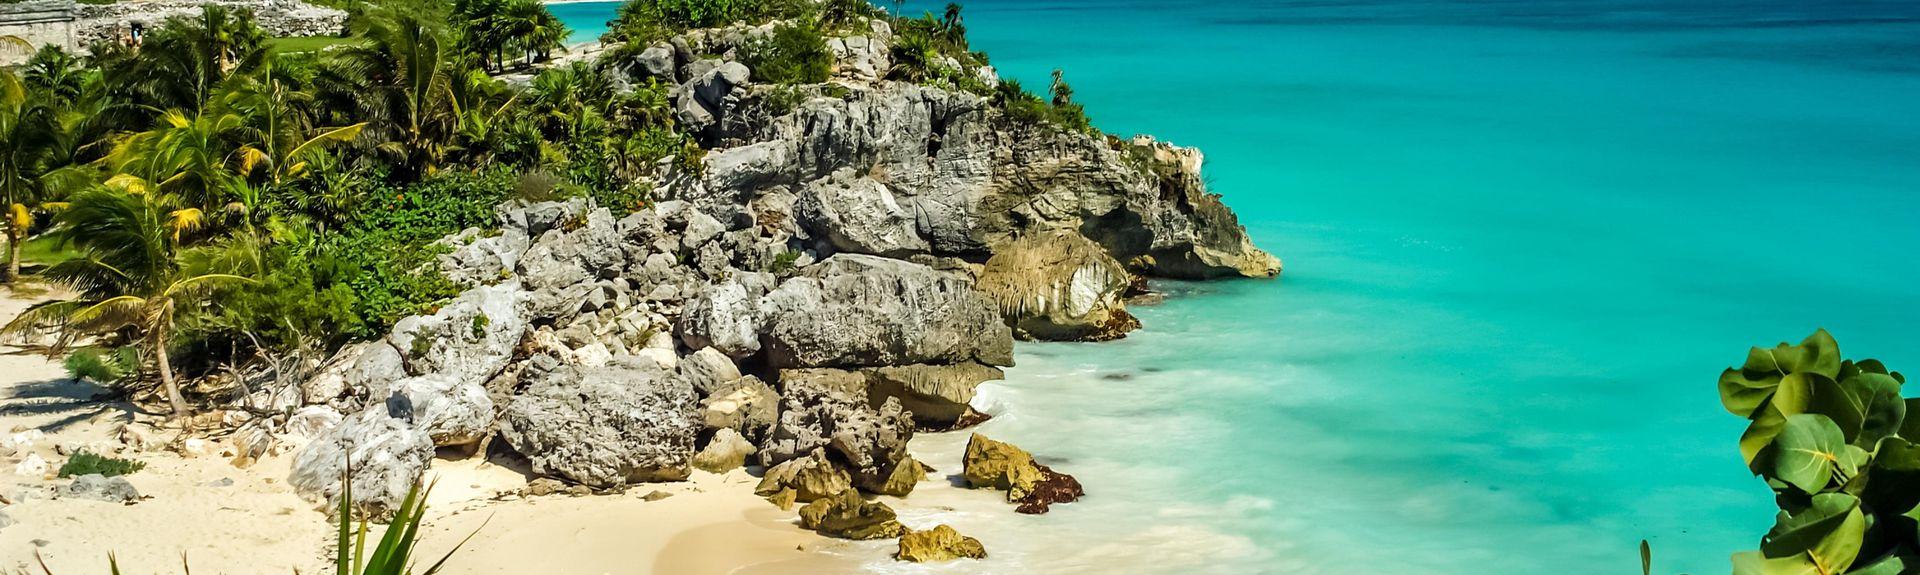 Zazil-ha, Playa del Carmen, Quintana Roo, Mexico